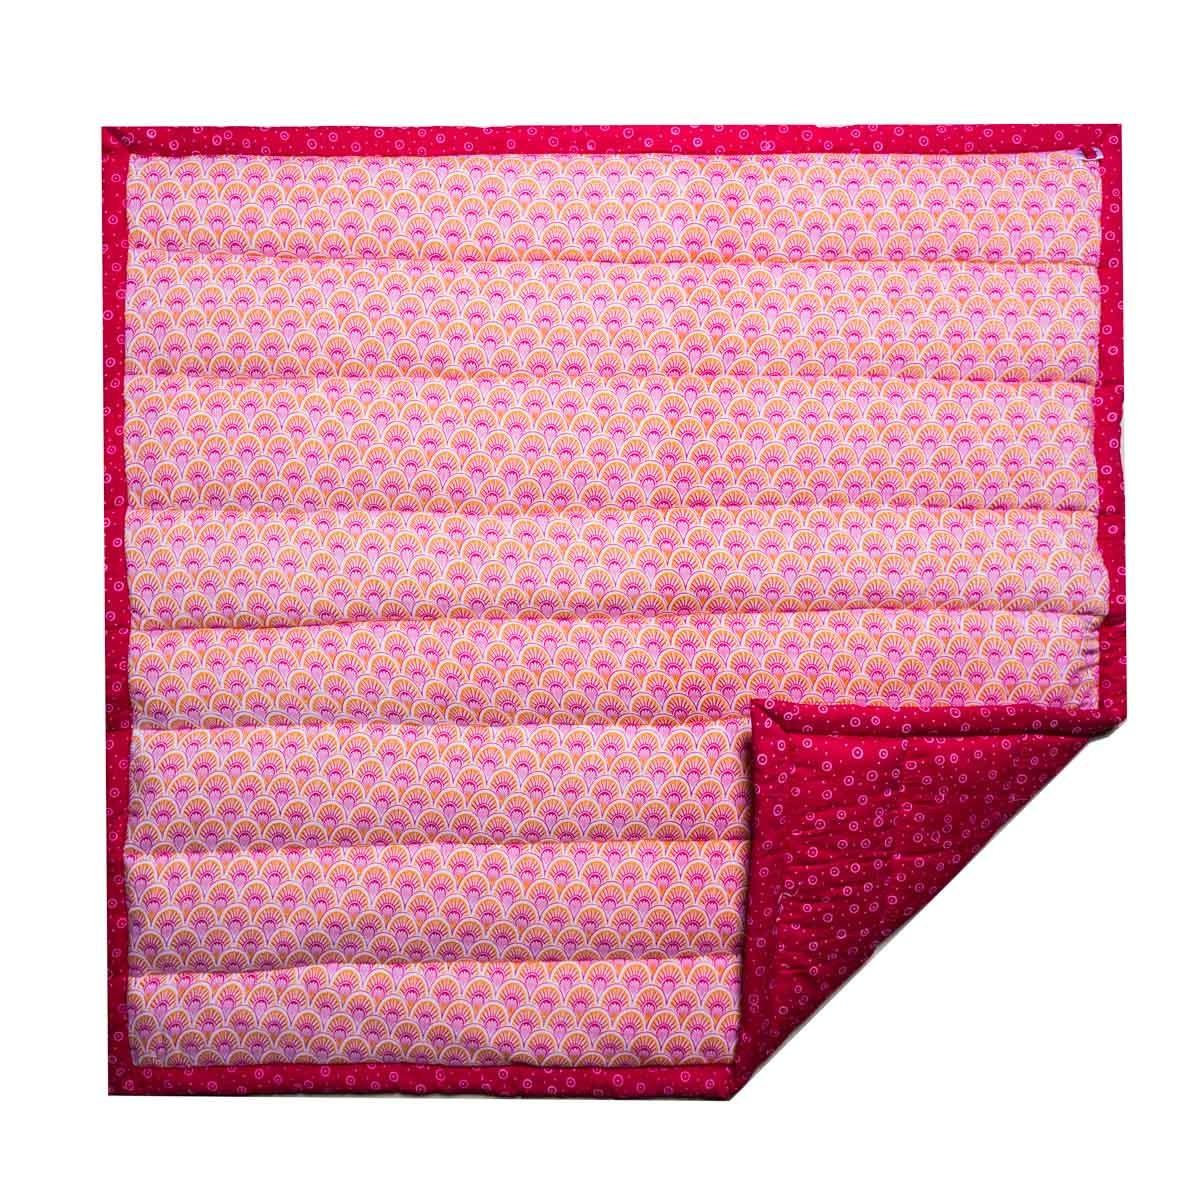 Tapis de jeux pour parc bébé coton rose